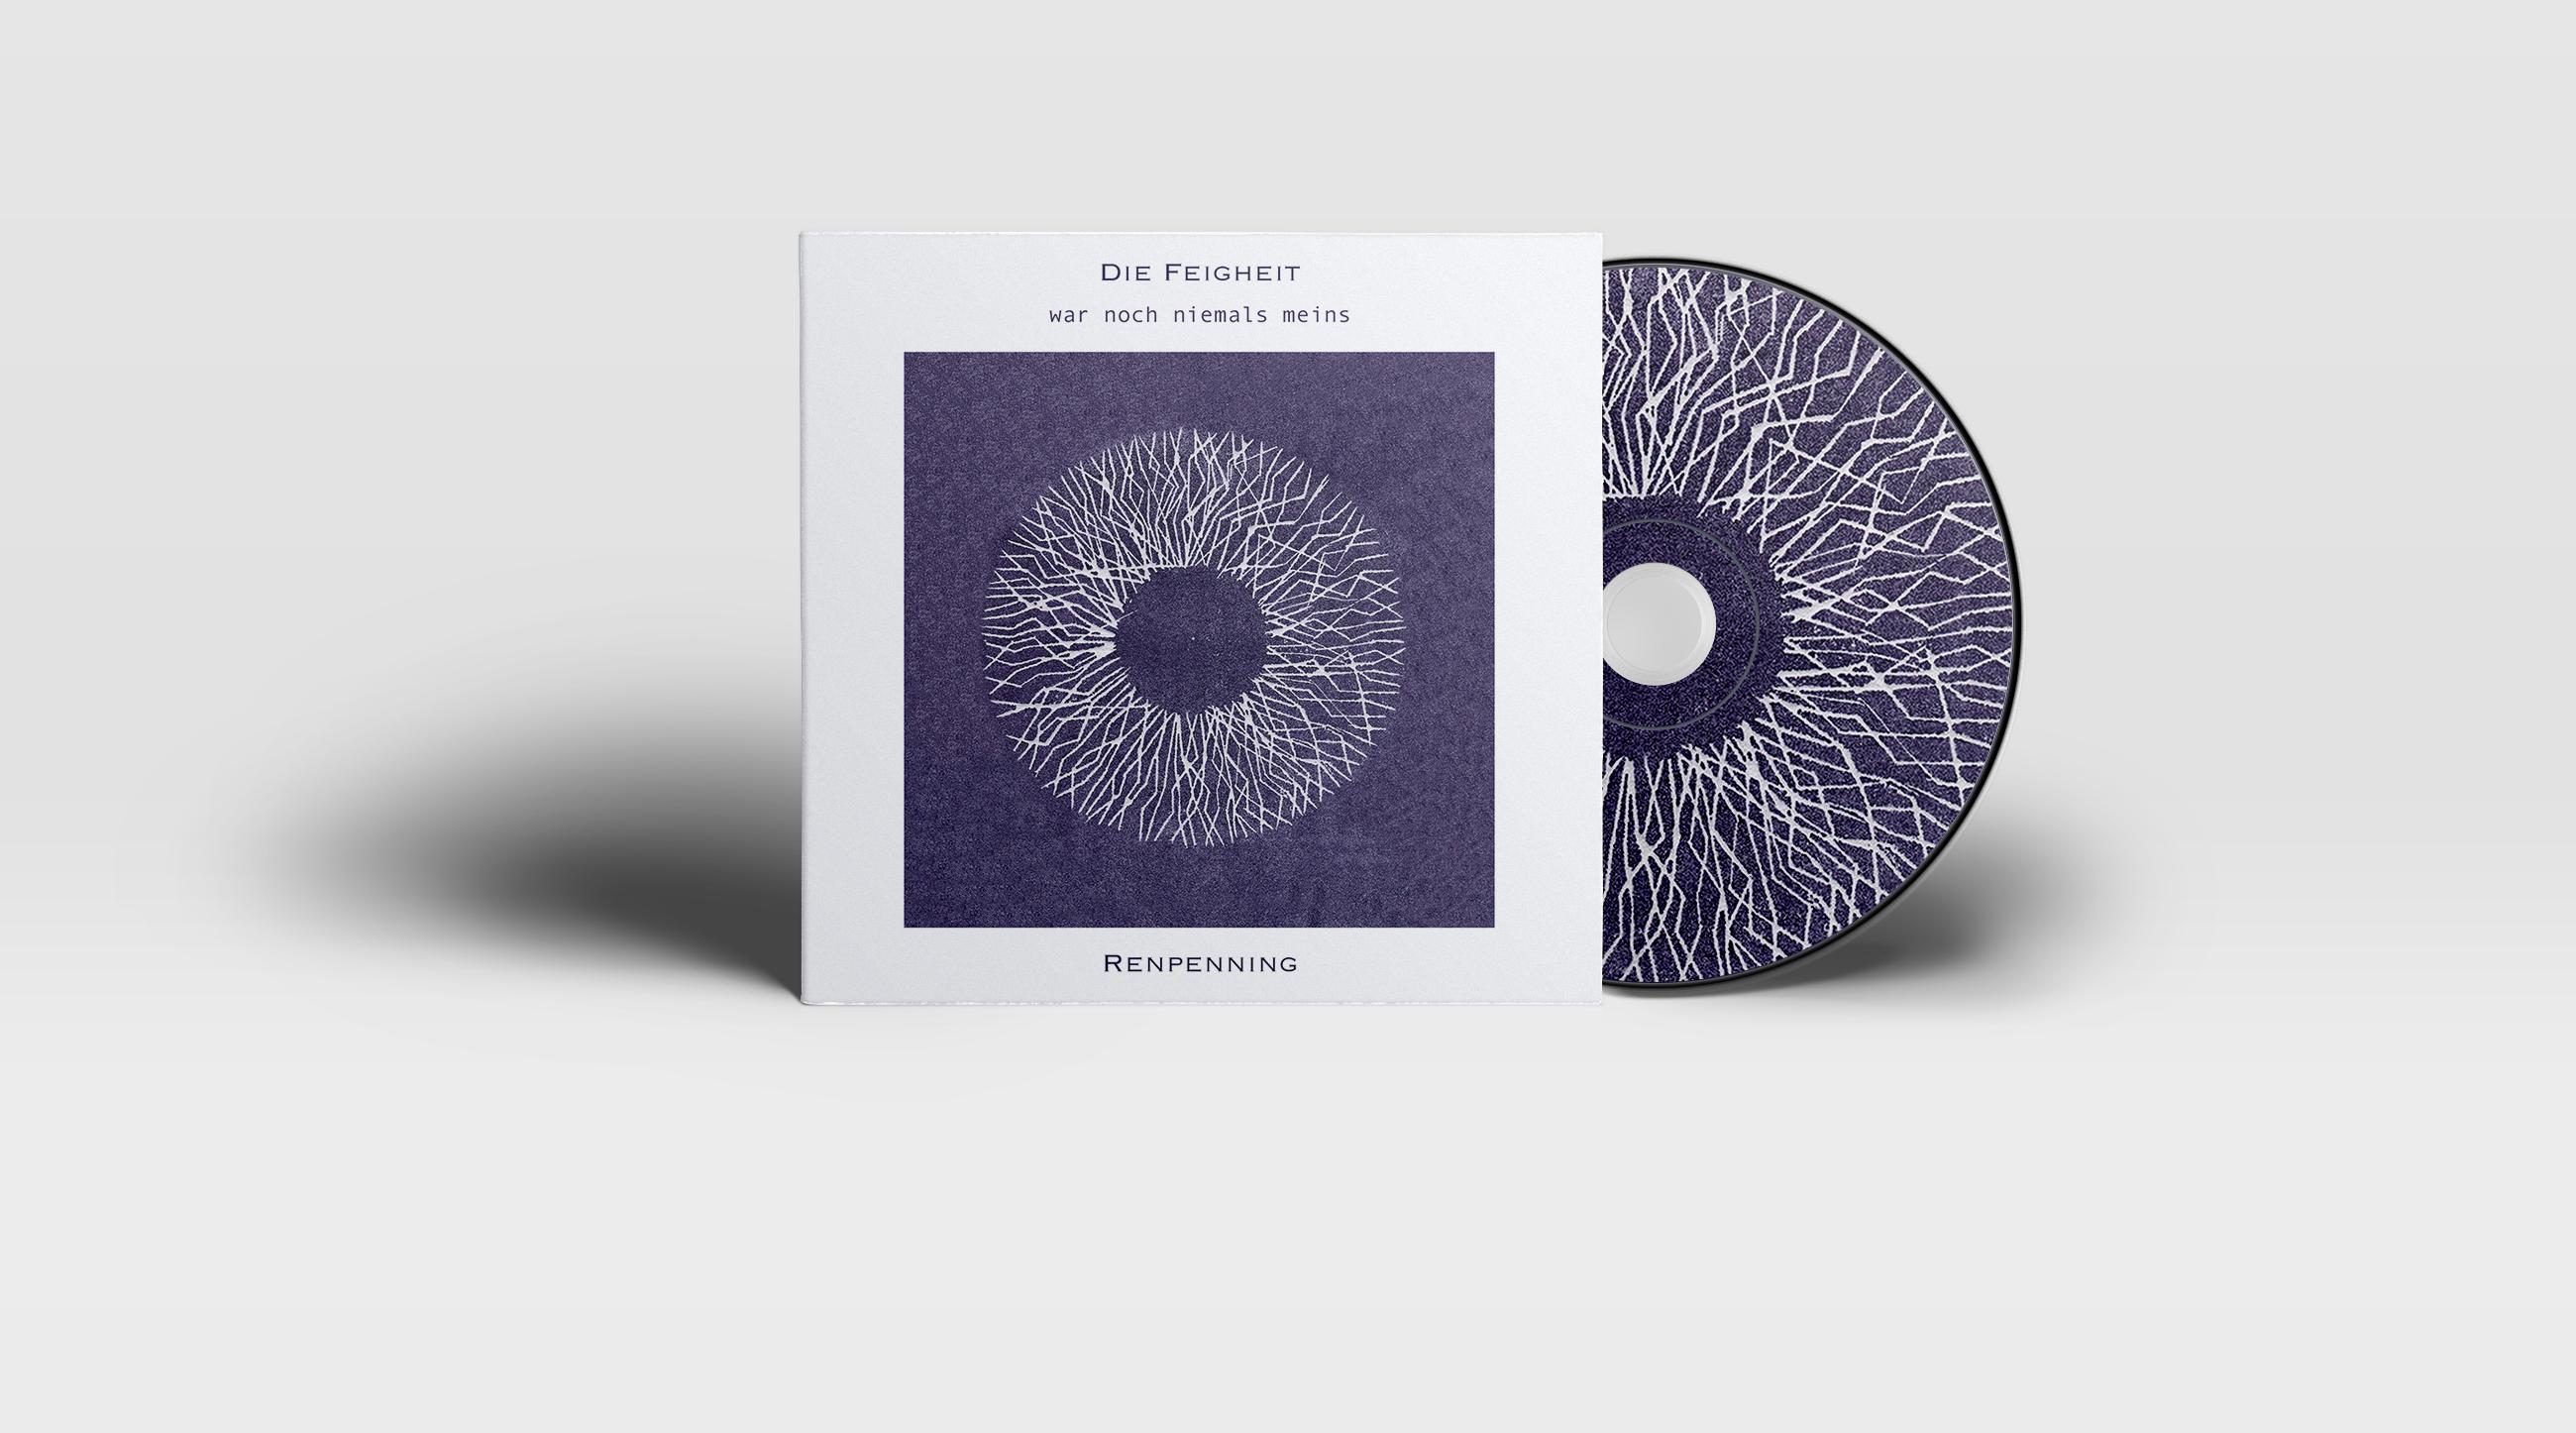 CD Cover Die Feigheit (war noch niemals meins)